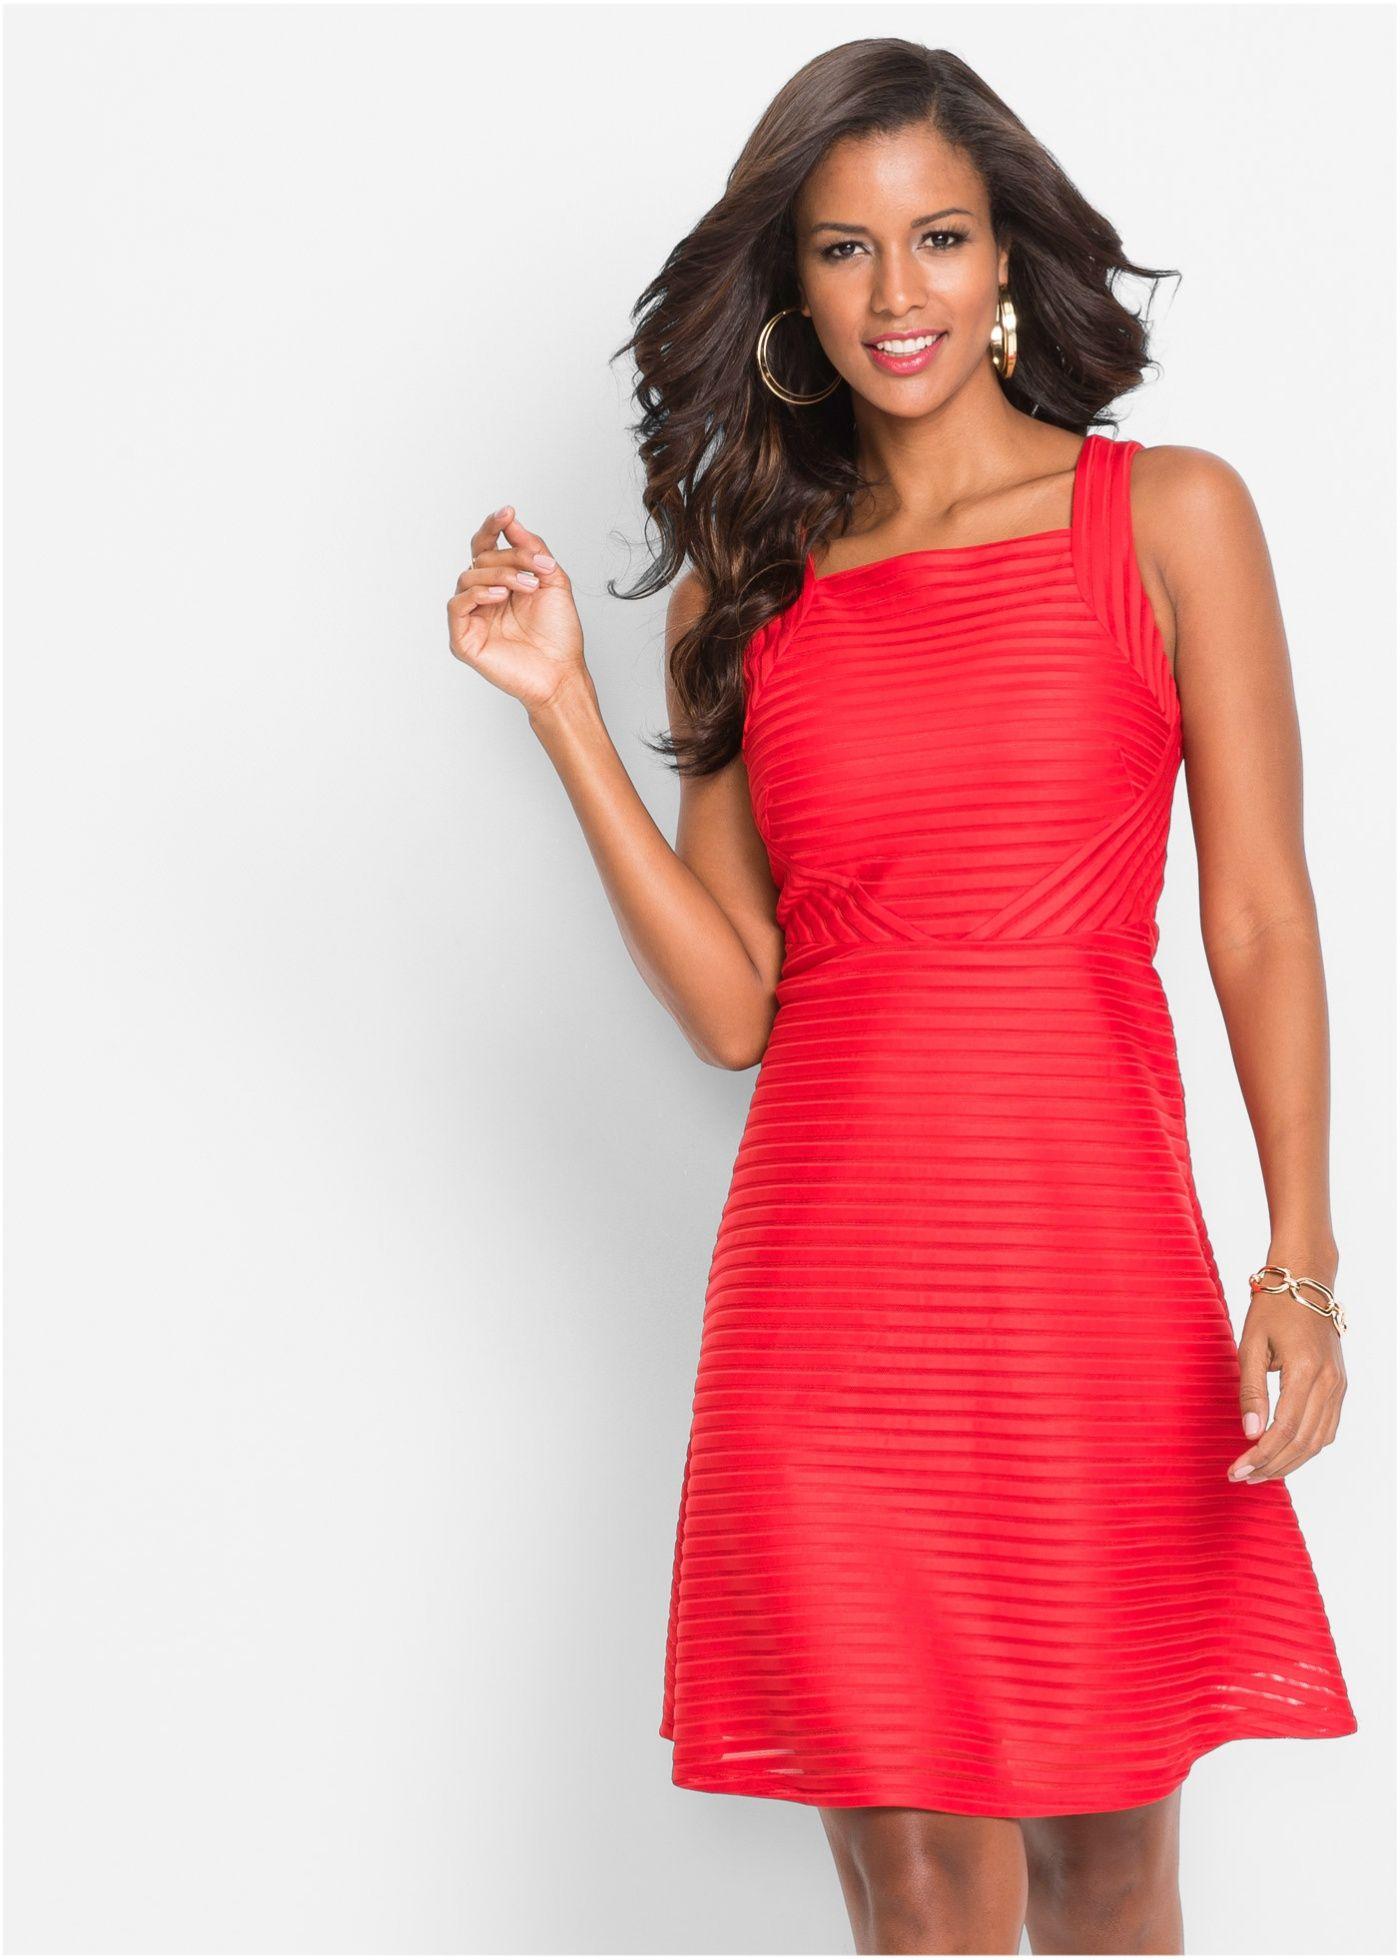 Bonprix kleid rot spitze – Stilvolle Kleiderneuheiten